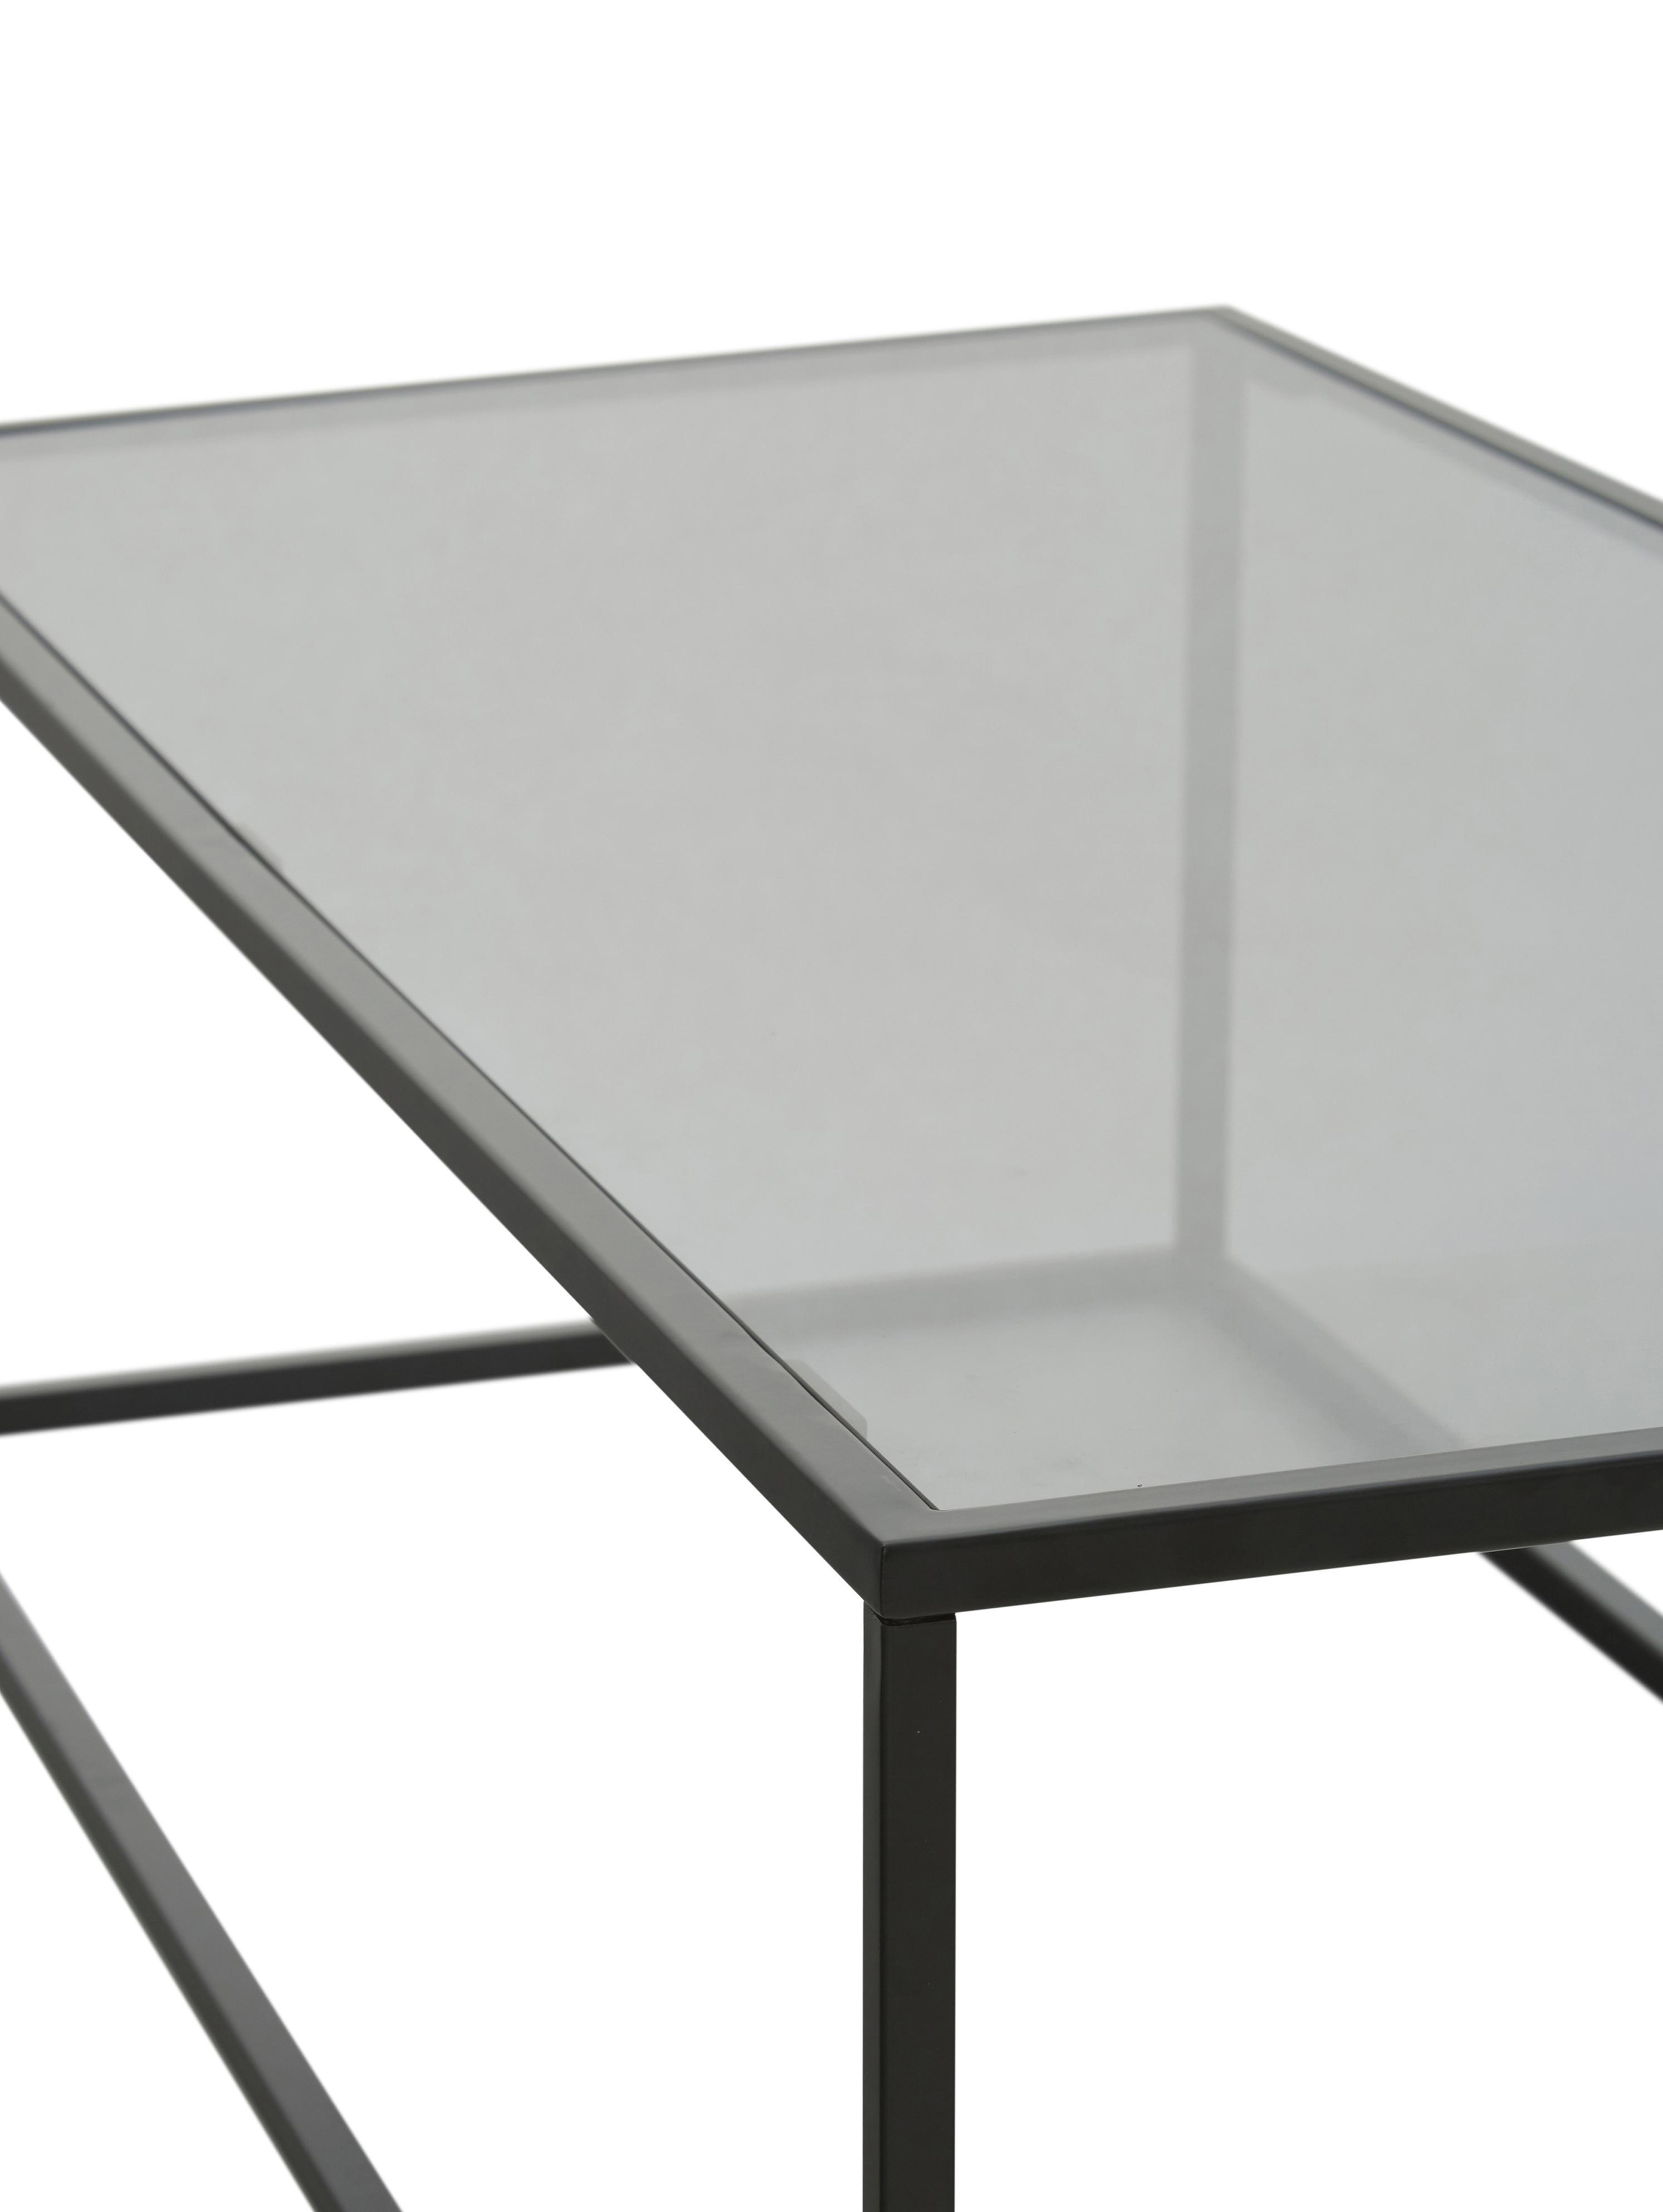 Couchtisch Maya mit Glasplatte, Tischplatte: Sicherheitsglas, Gestell: Metall, pulverbeschichtet, Tischplatte: Glas, schwarz getöntGestell: Schwarz, matt, 110 x 36 cm